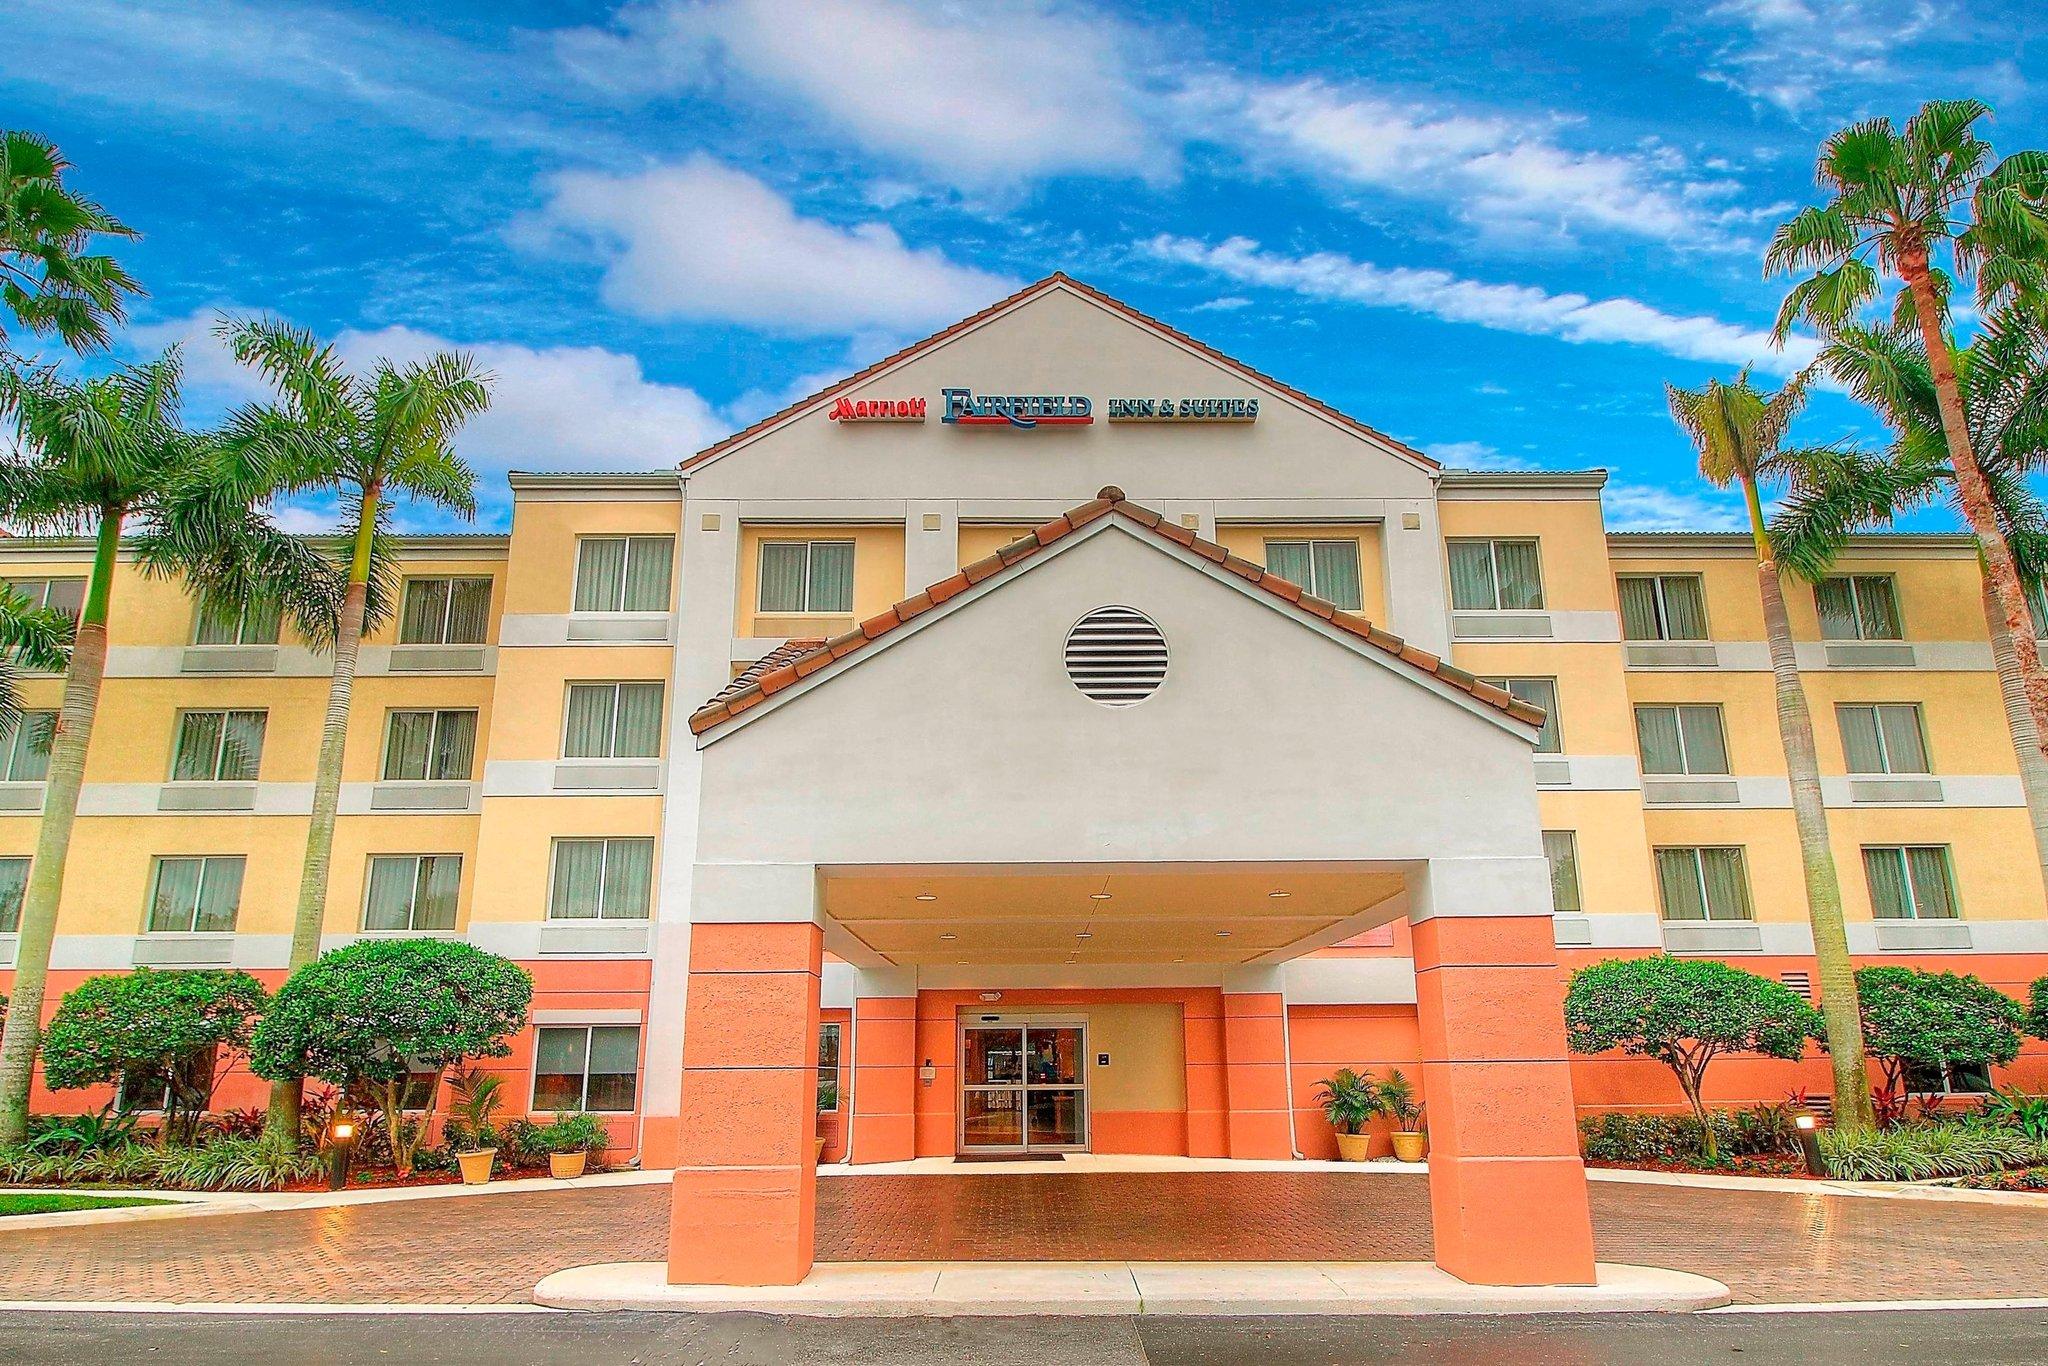 Fairfield Inn & Suites West Palm Beach